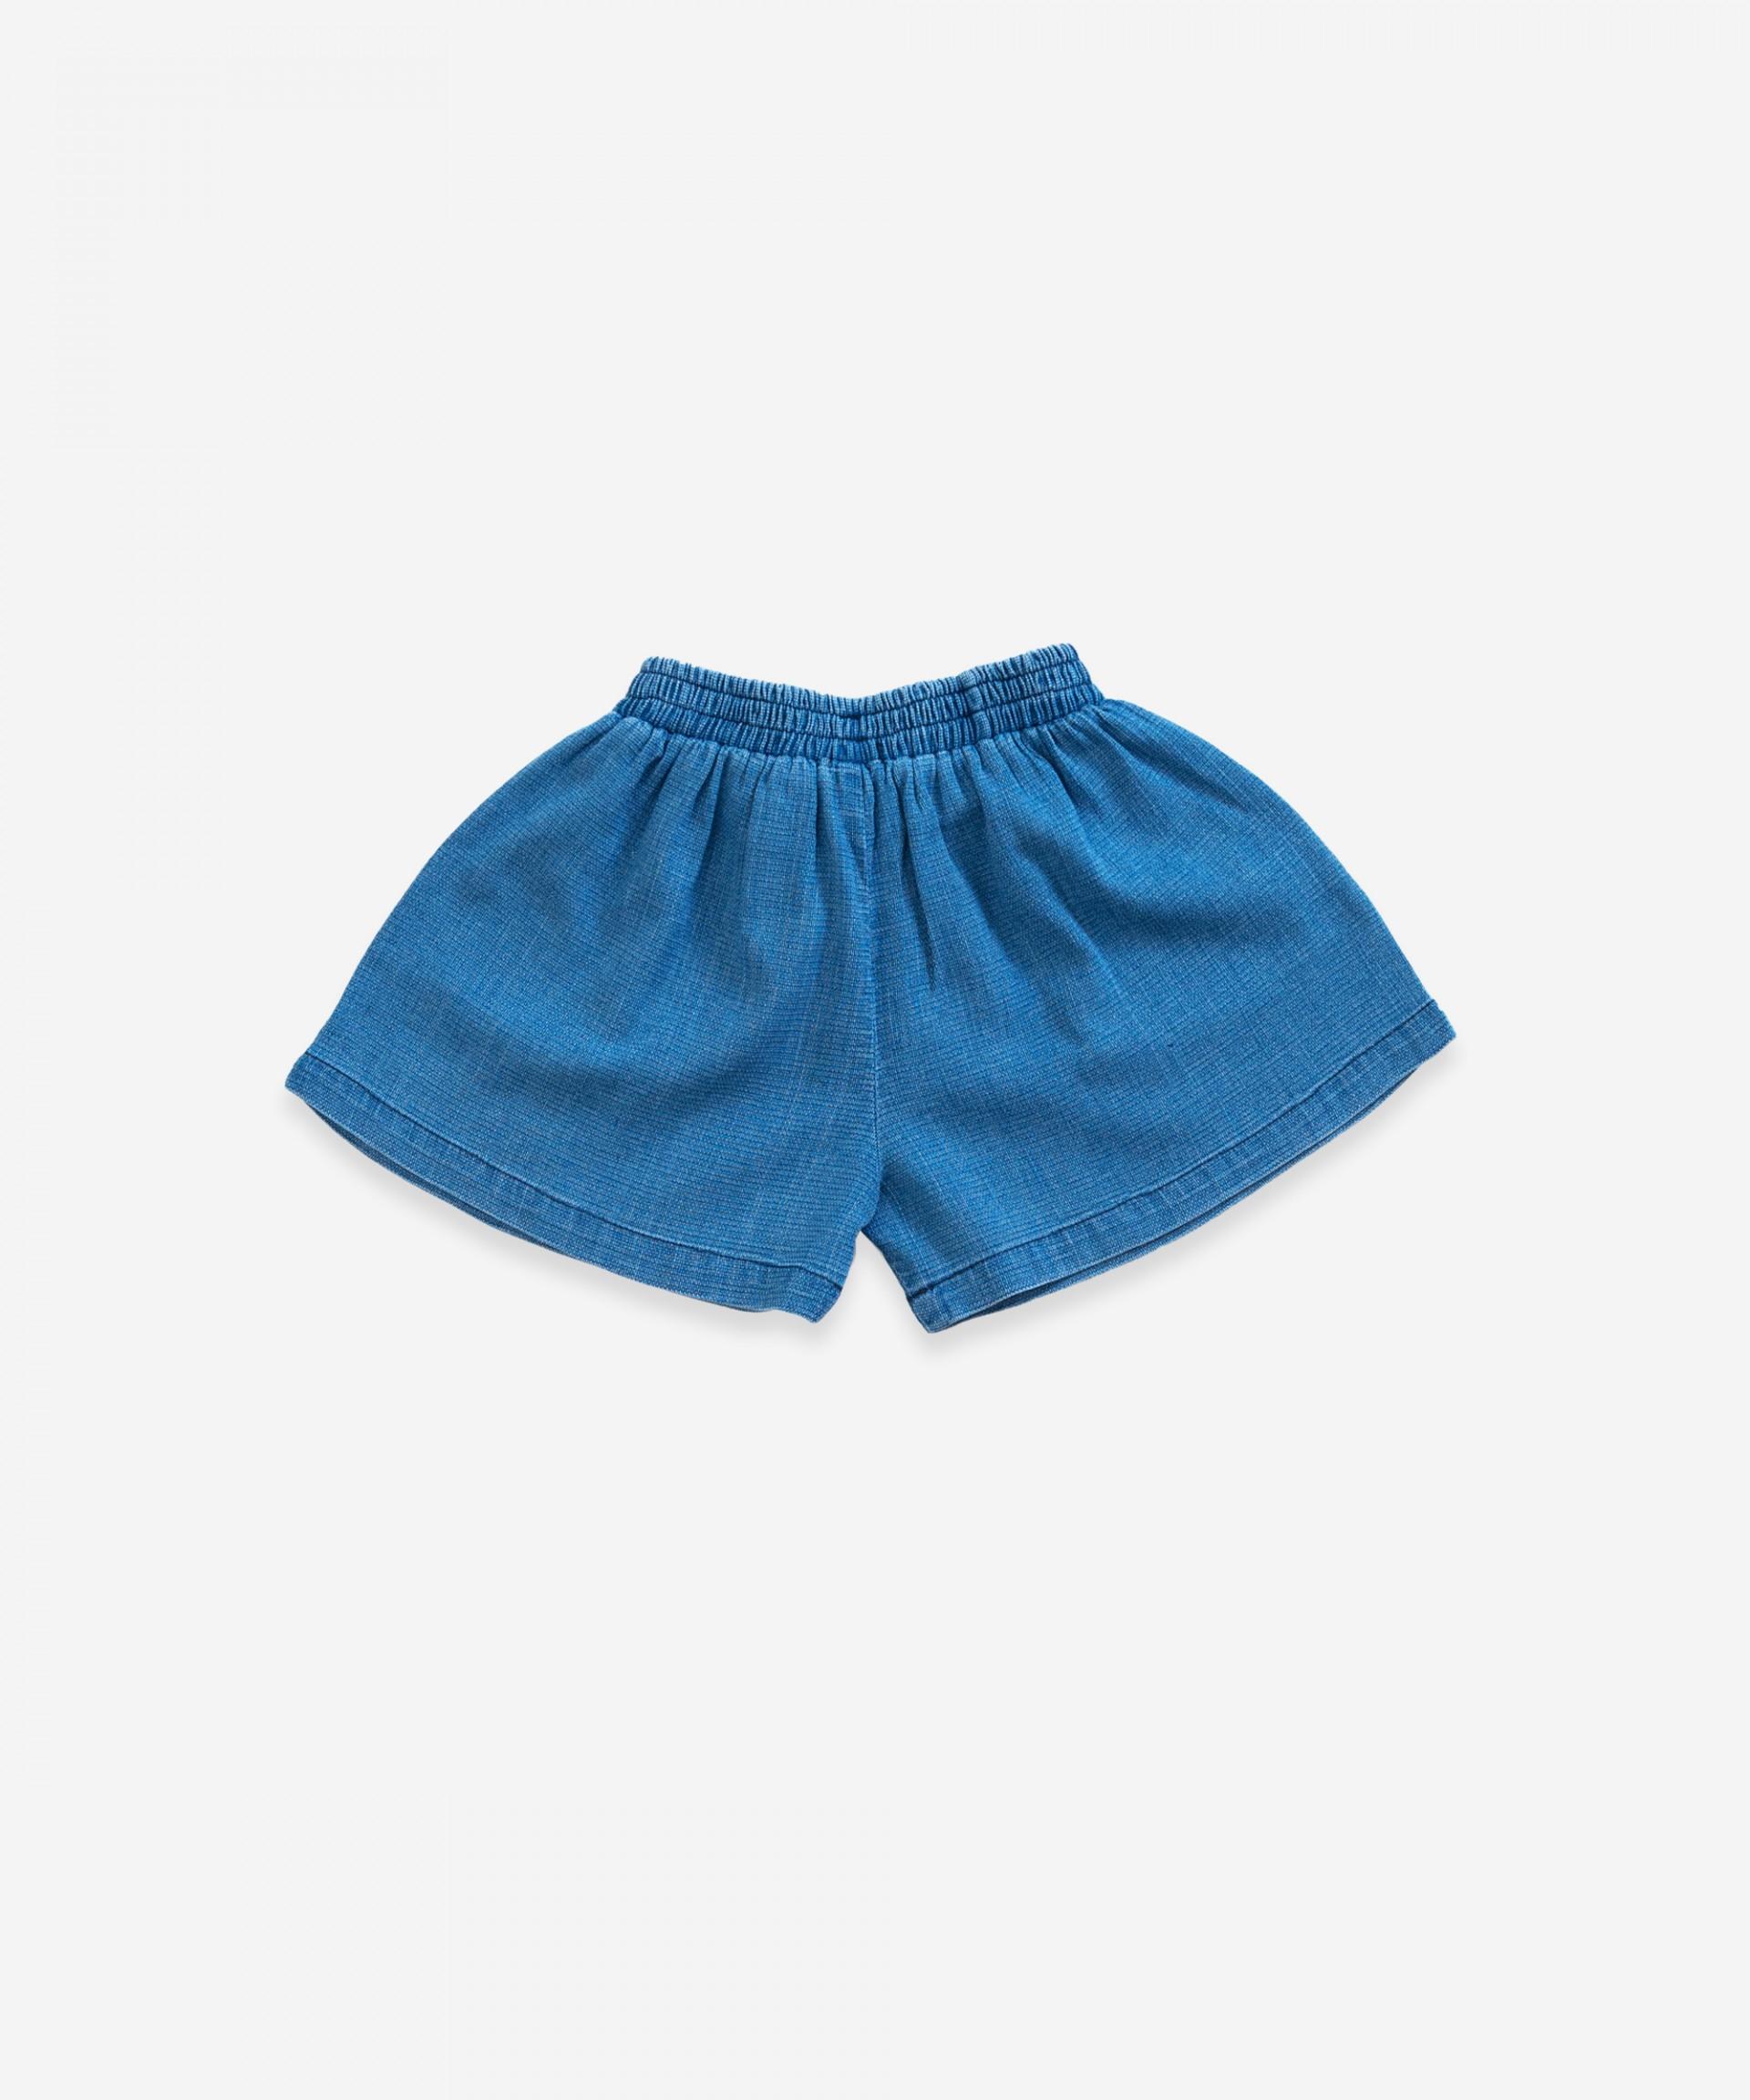 Pantaloncini di jeans con laccio decorativo | Weaving